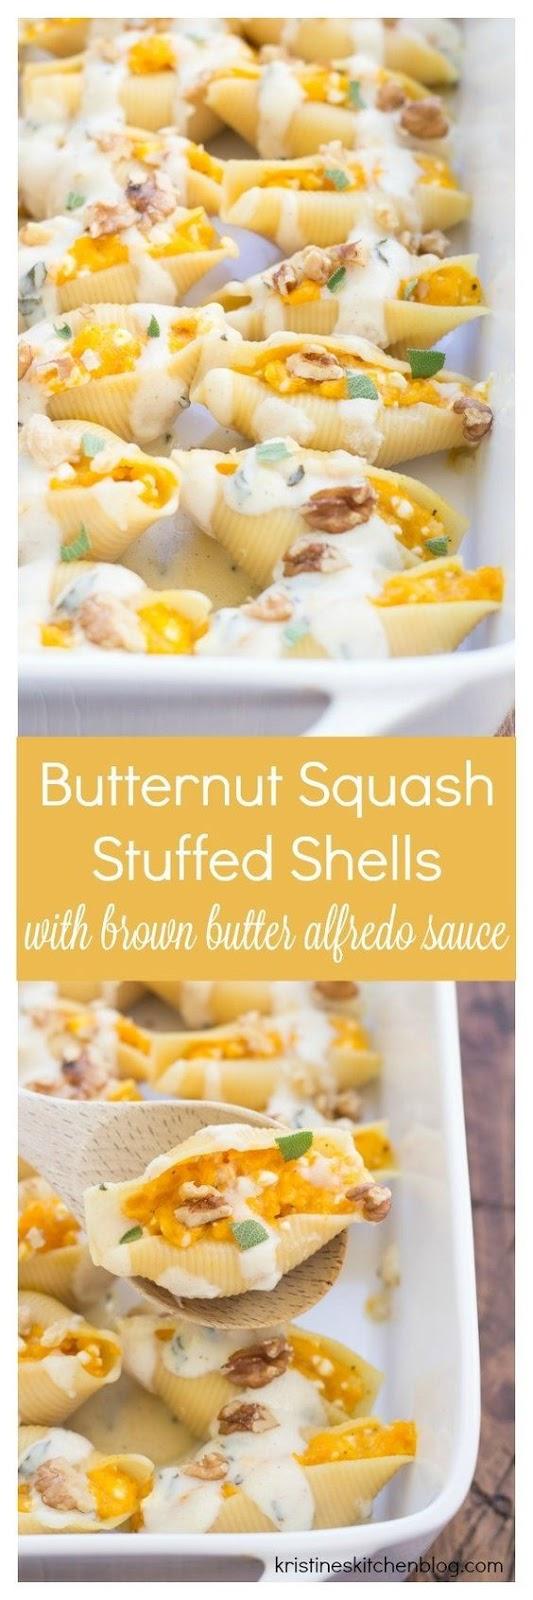 Secret Butternut Squash Stuffed Shells with Brown Butter Alfredo Sauce